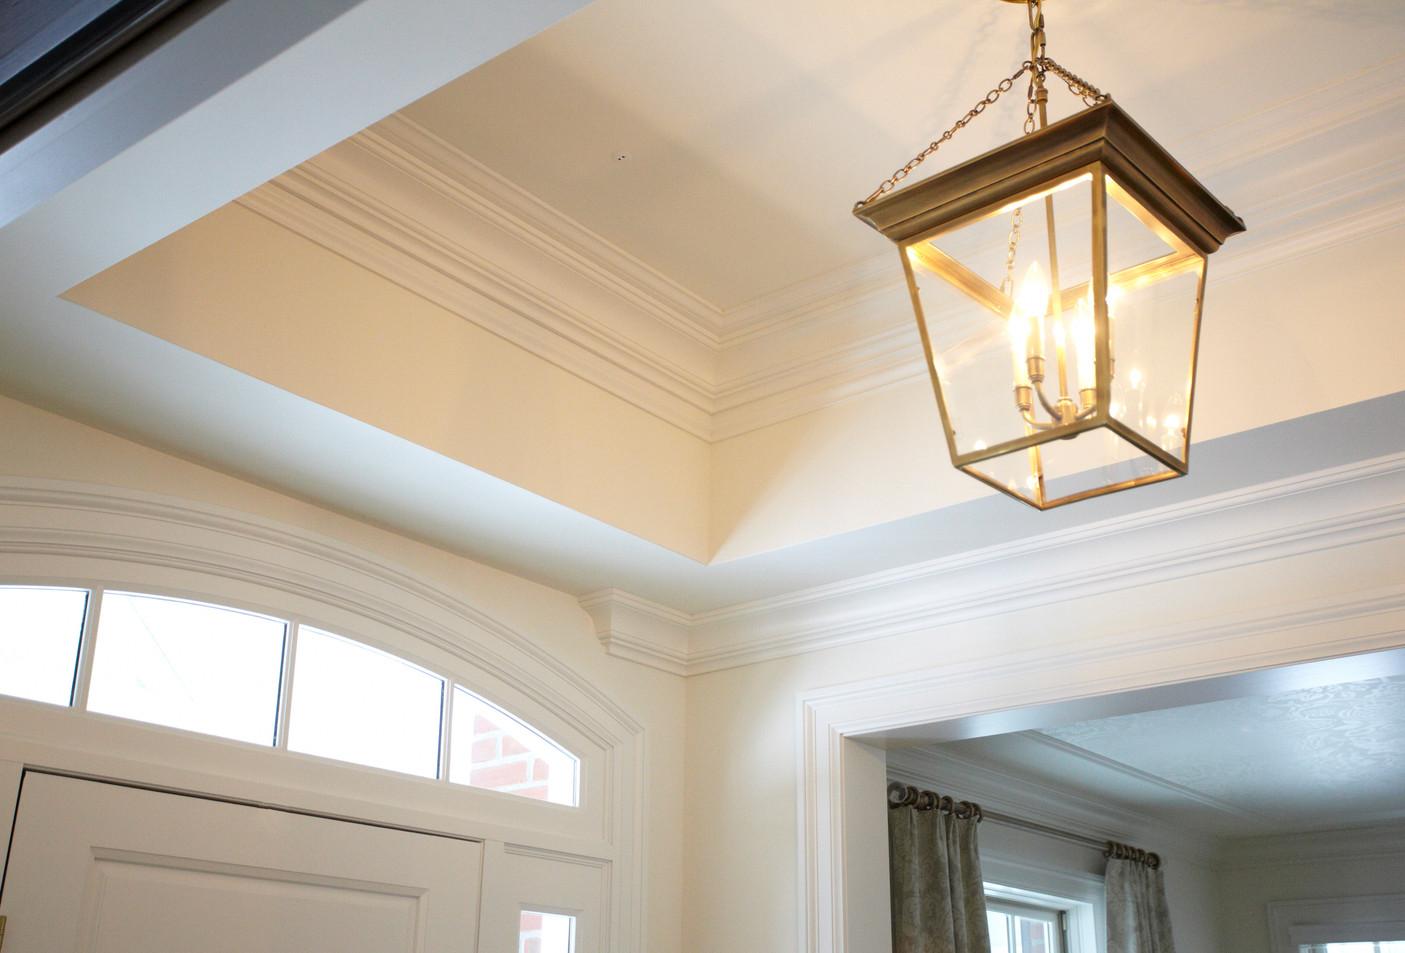 N_5285_Entry ceiling.jpg